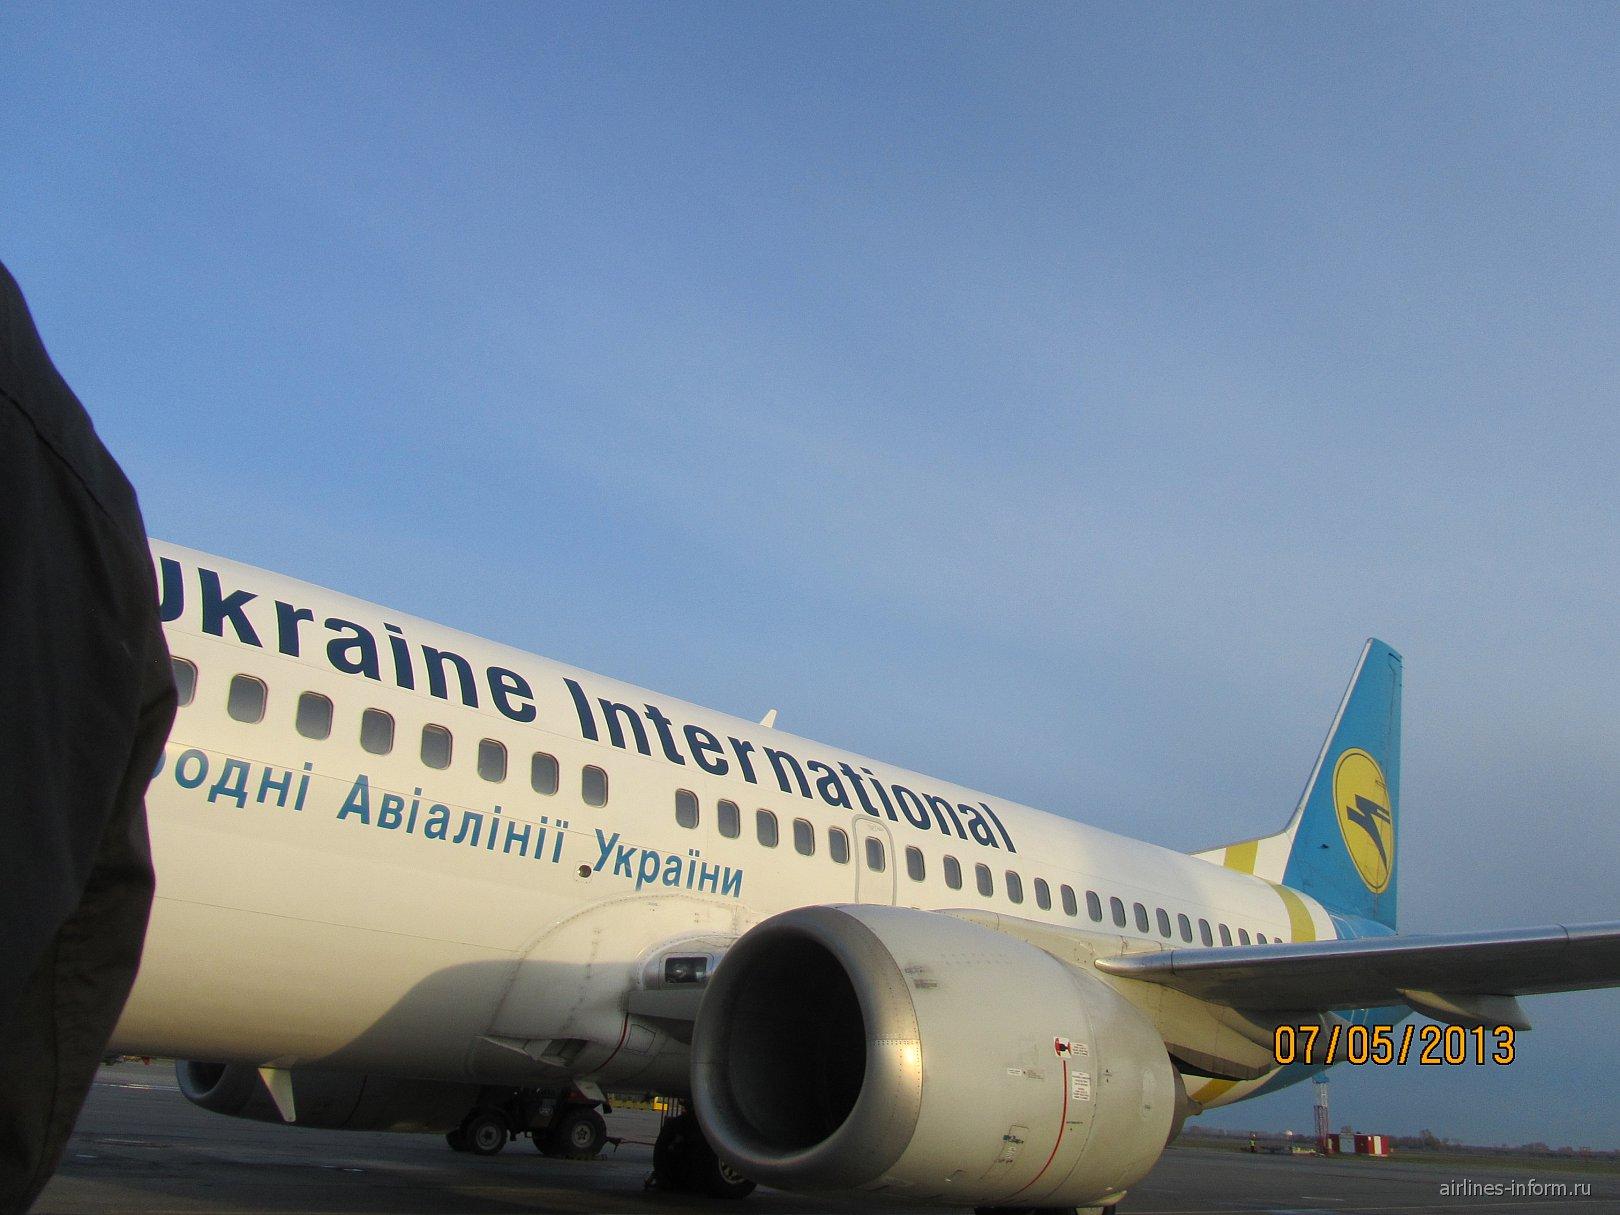 Посадка на рейс МАУ Новосибирск-Киев